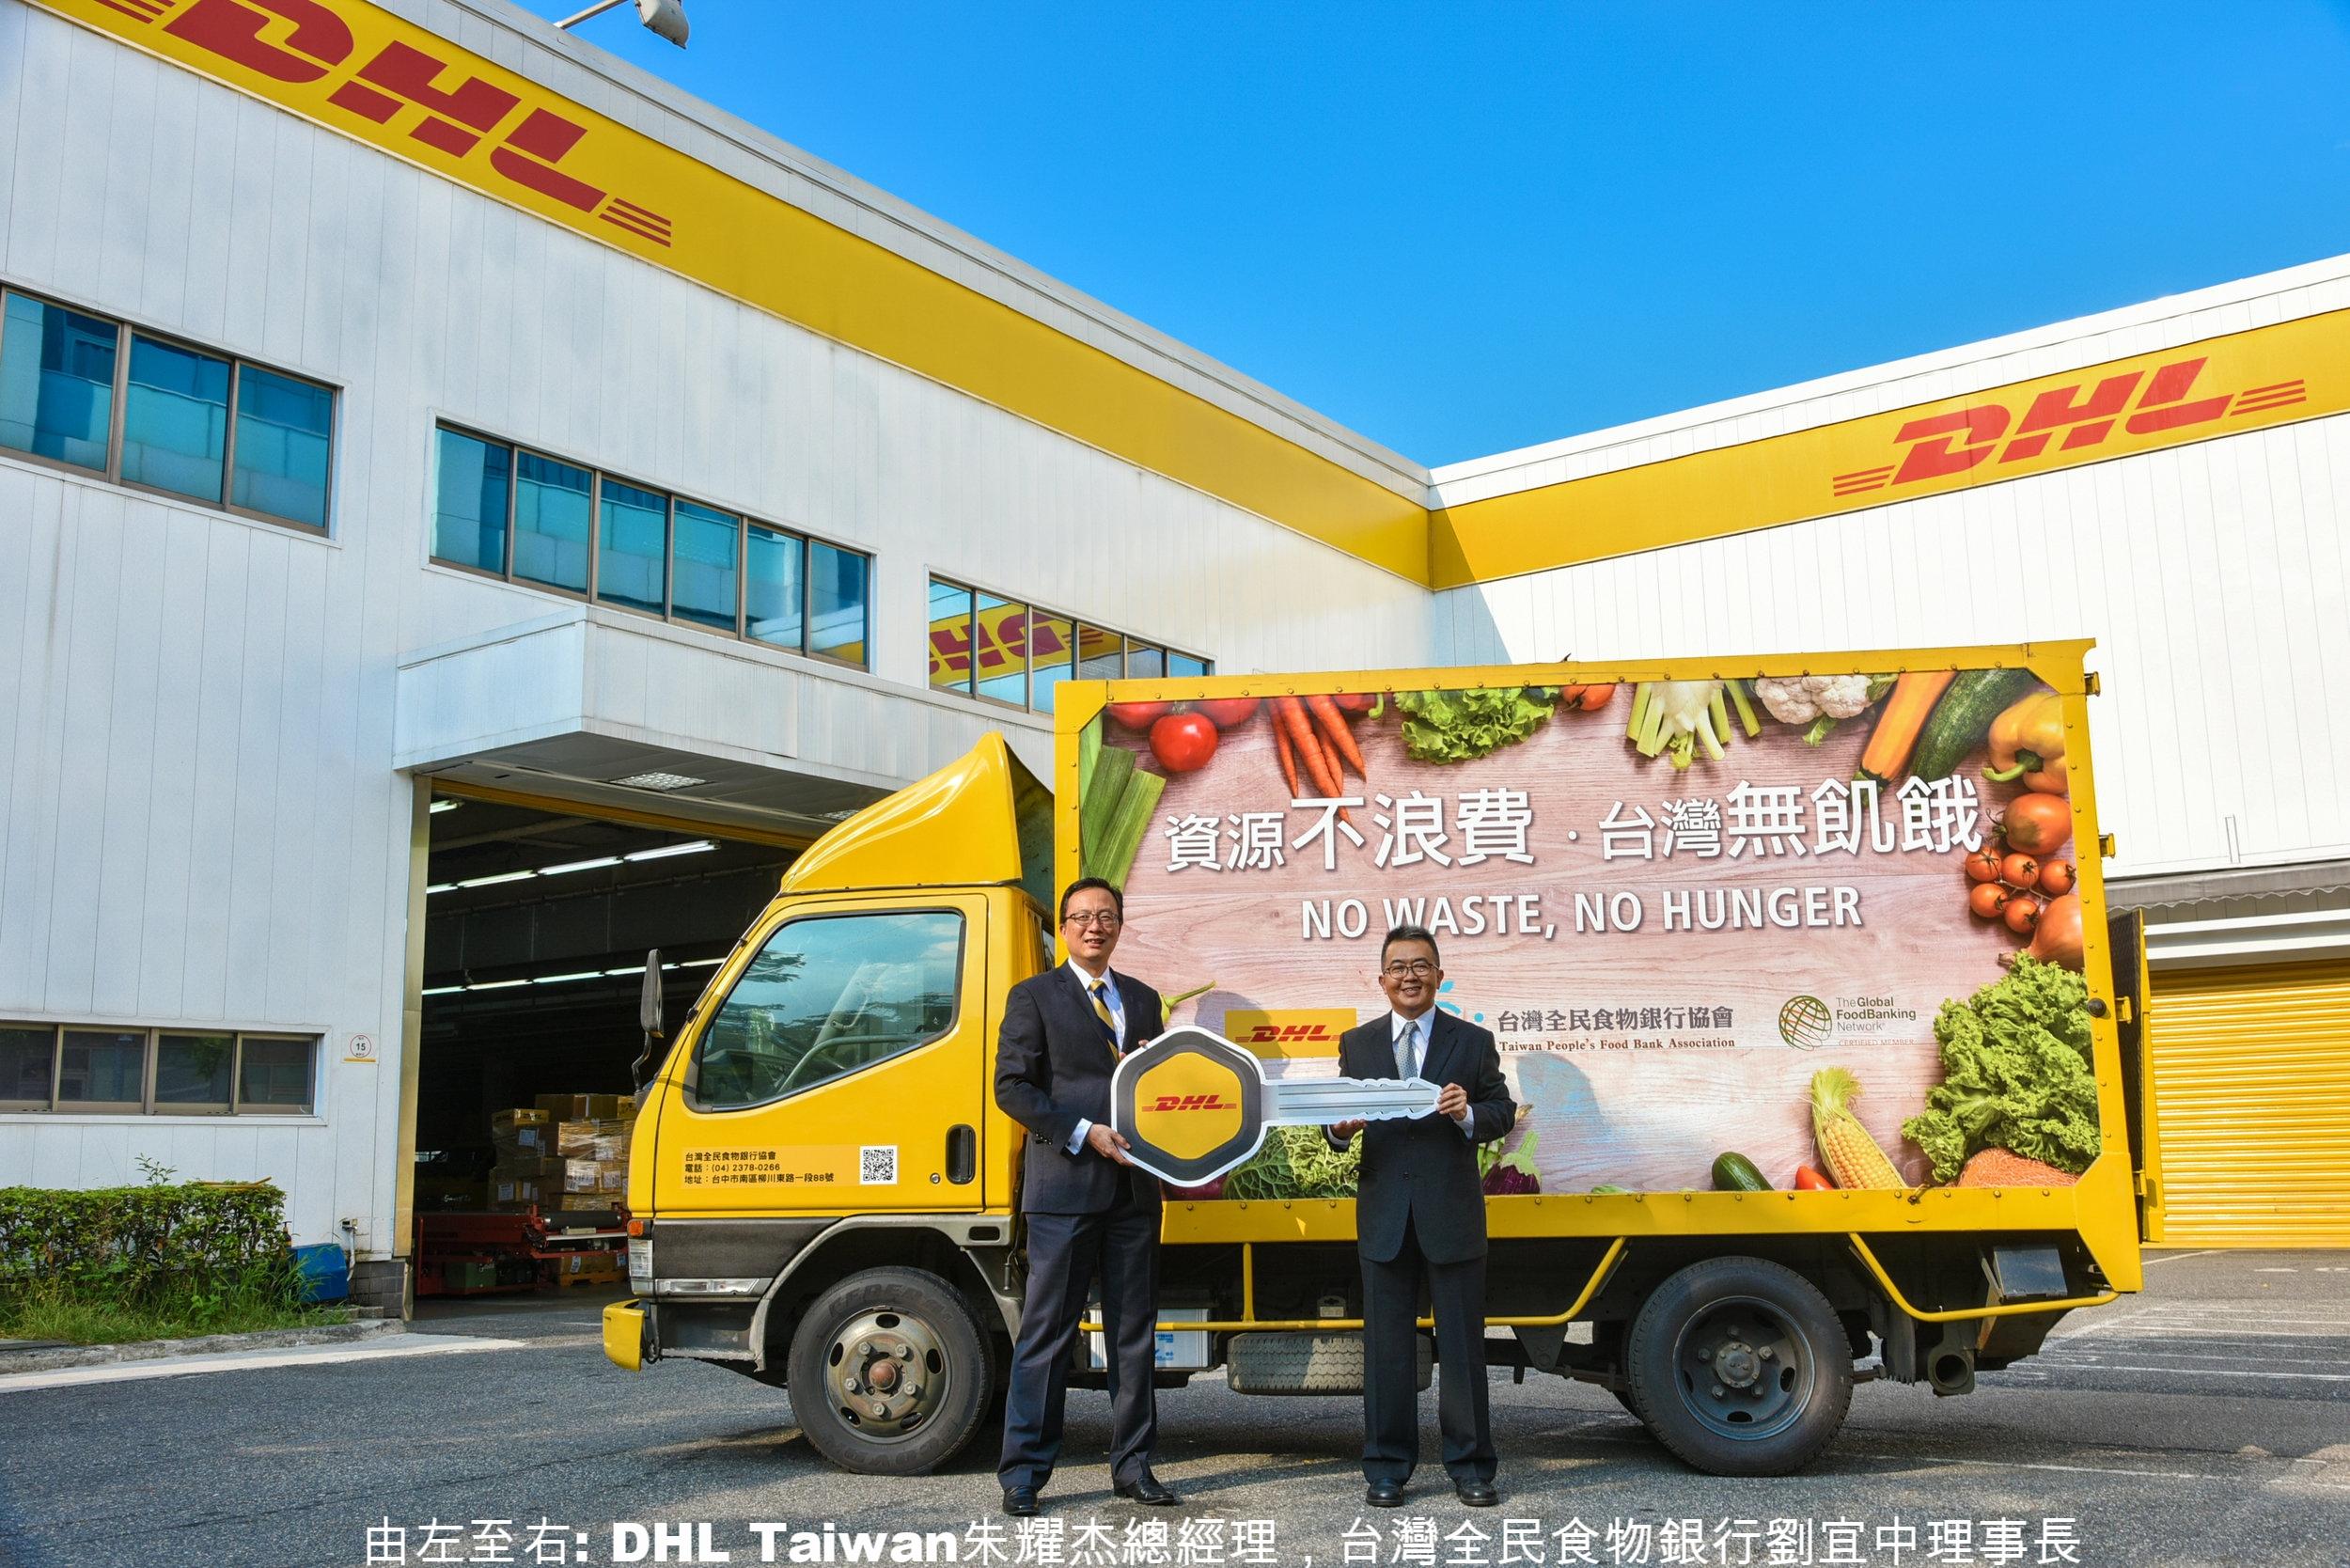 【圖片二】台灣DHL+Express+總經理朱耀杰(左)表示:「DHL在連結人群與改善人類生活上均扮演了重要角色,與台灣全民食物銀行合作,更強化了我們關懷台灣、回饋在地的企業精神。」.jpg